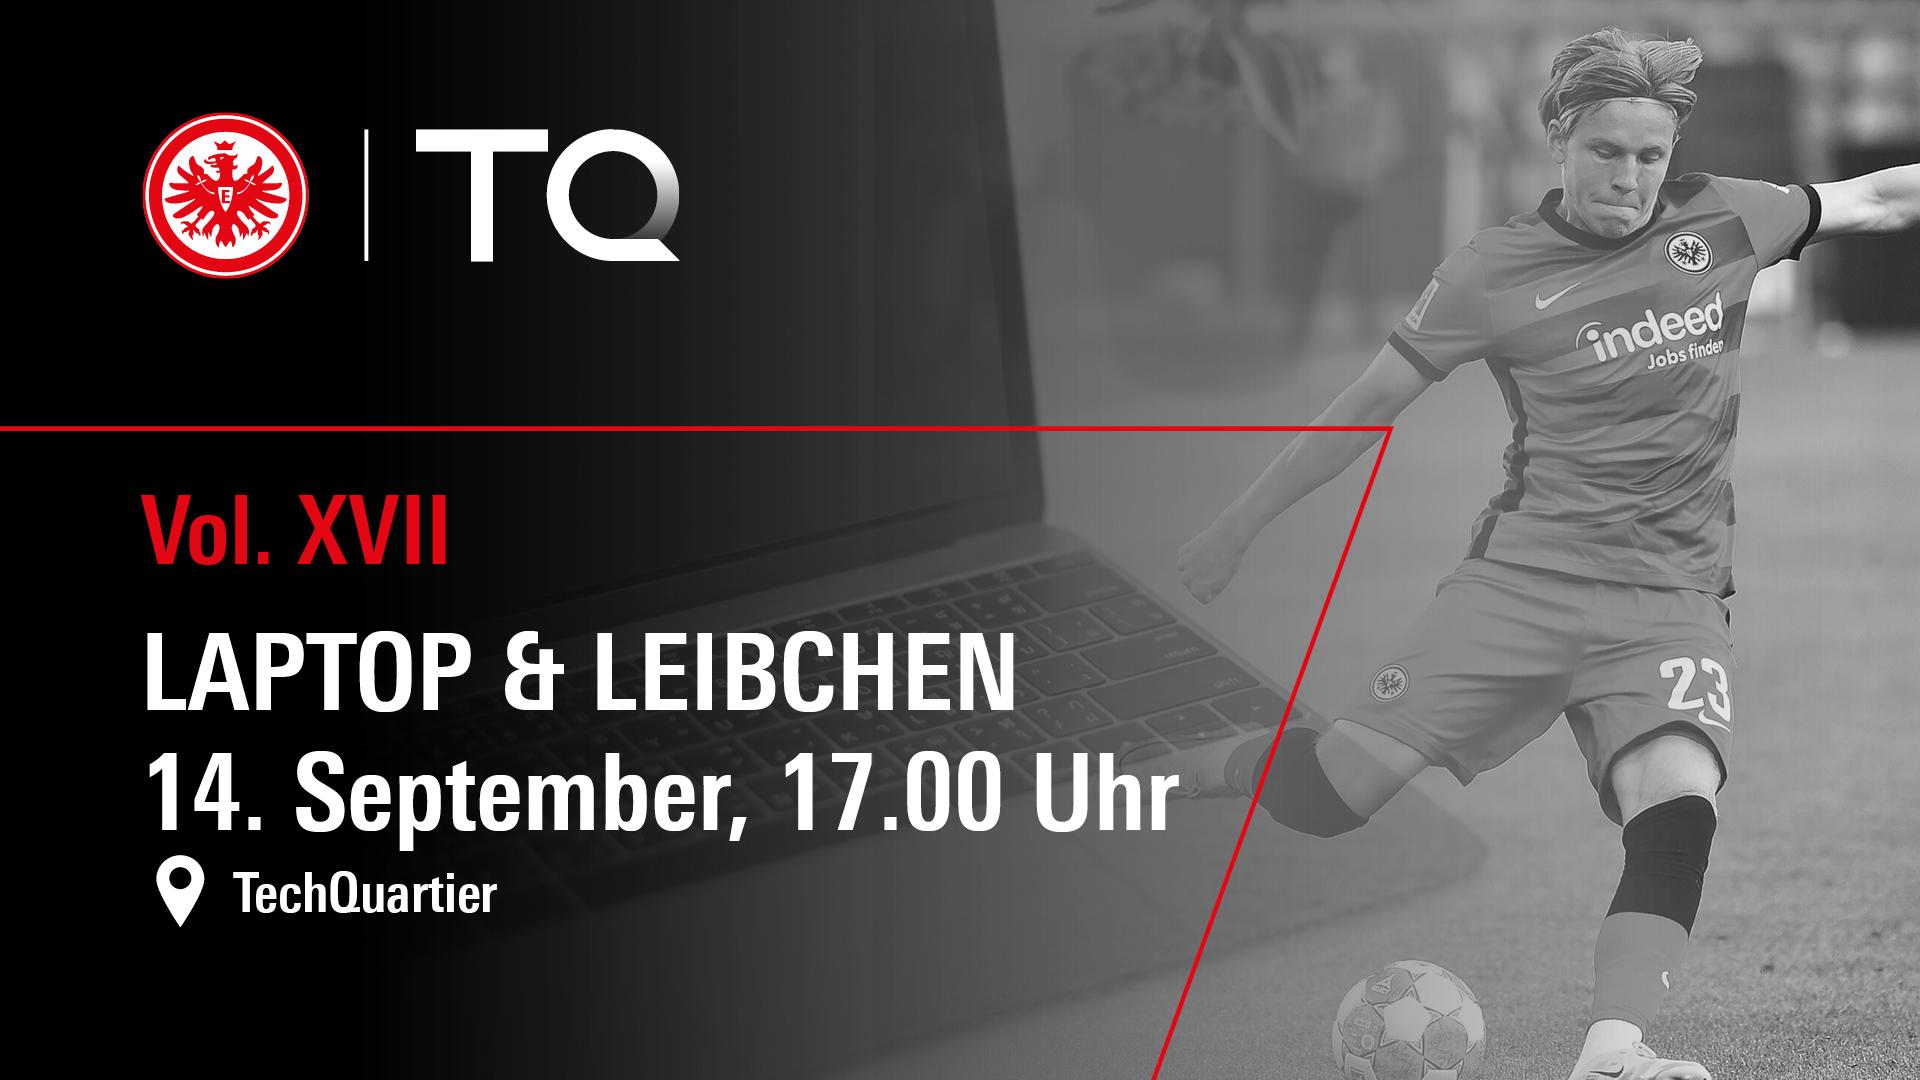 EF_Tech_14.September_LaptopLeibchen